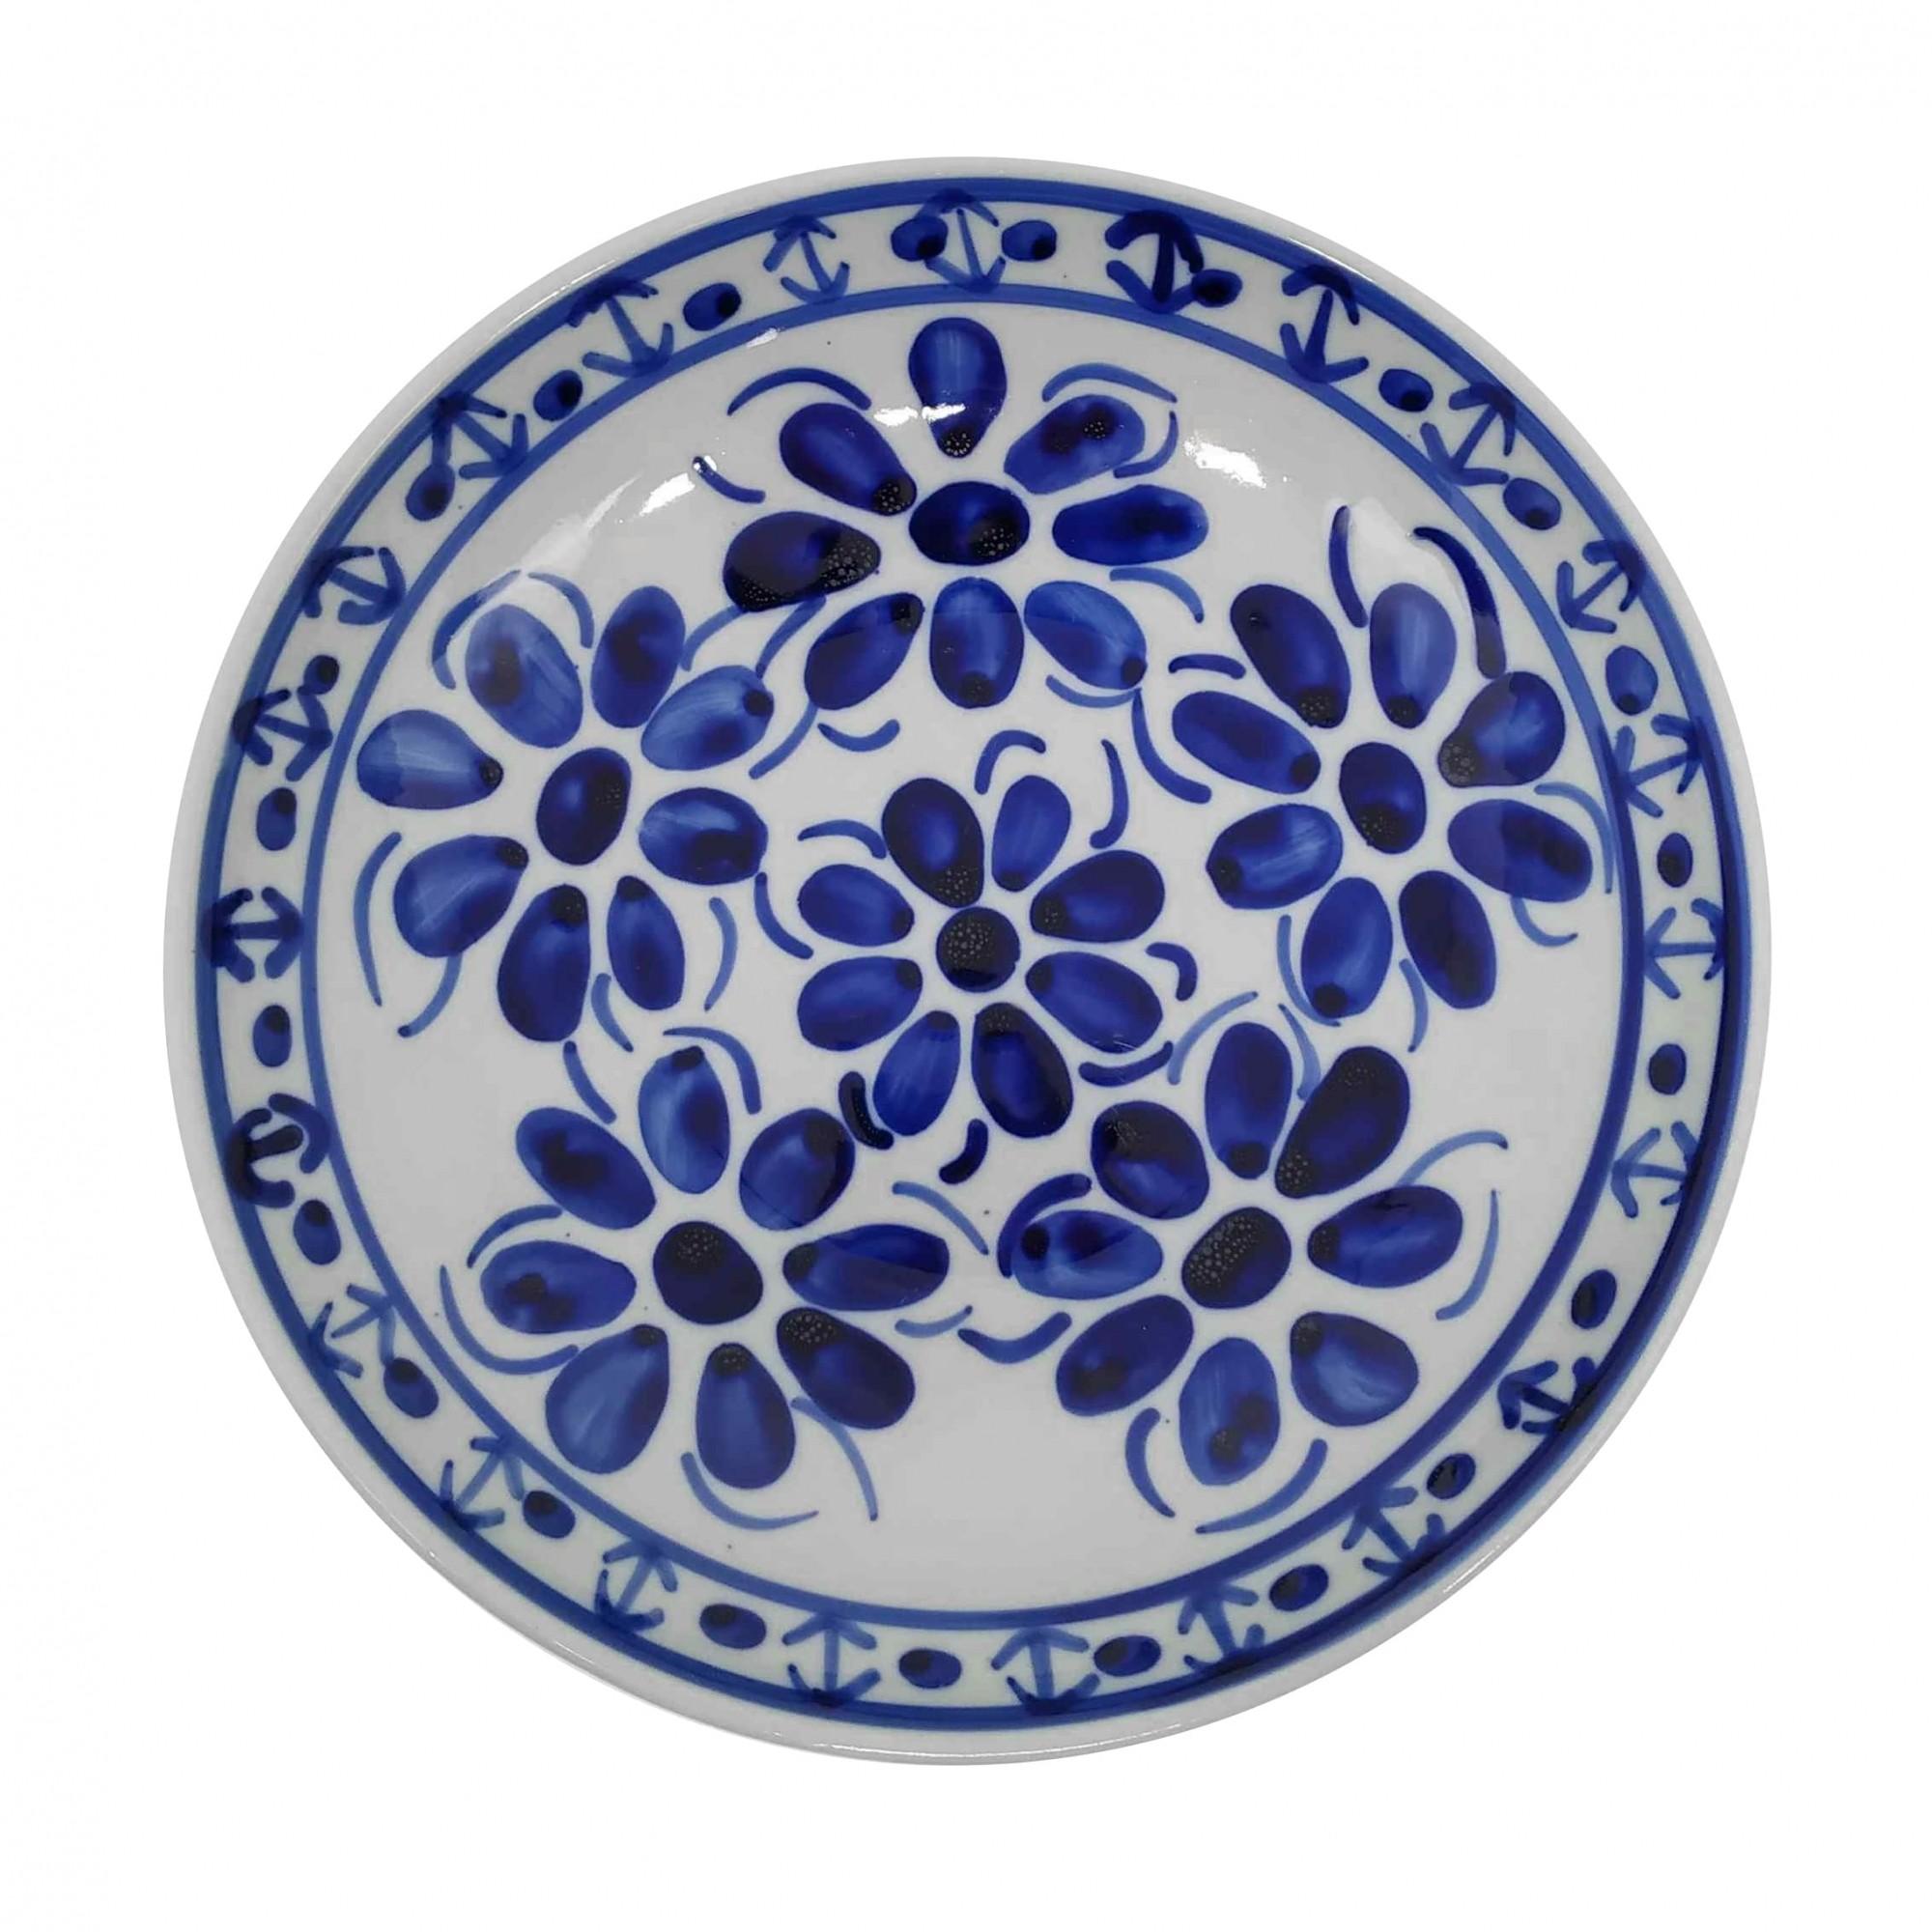 Prato Fundo 22,5 cm Porcelana Azul Colonial